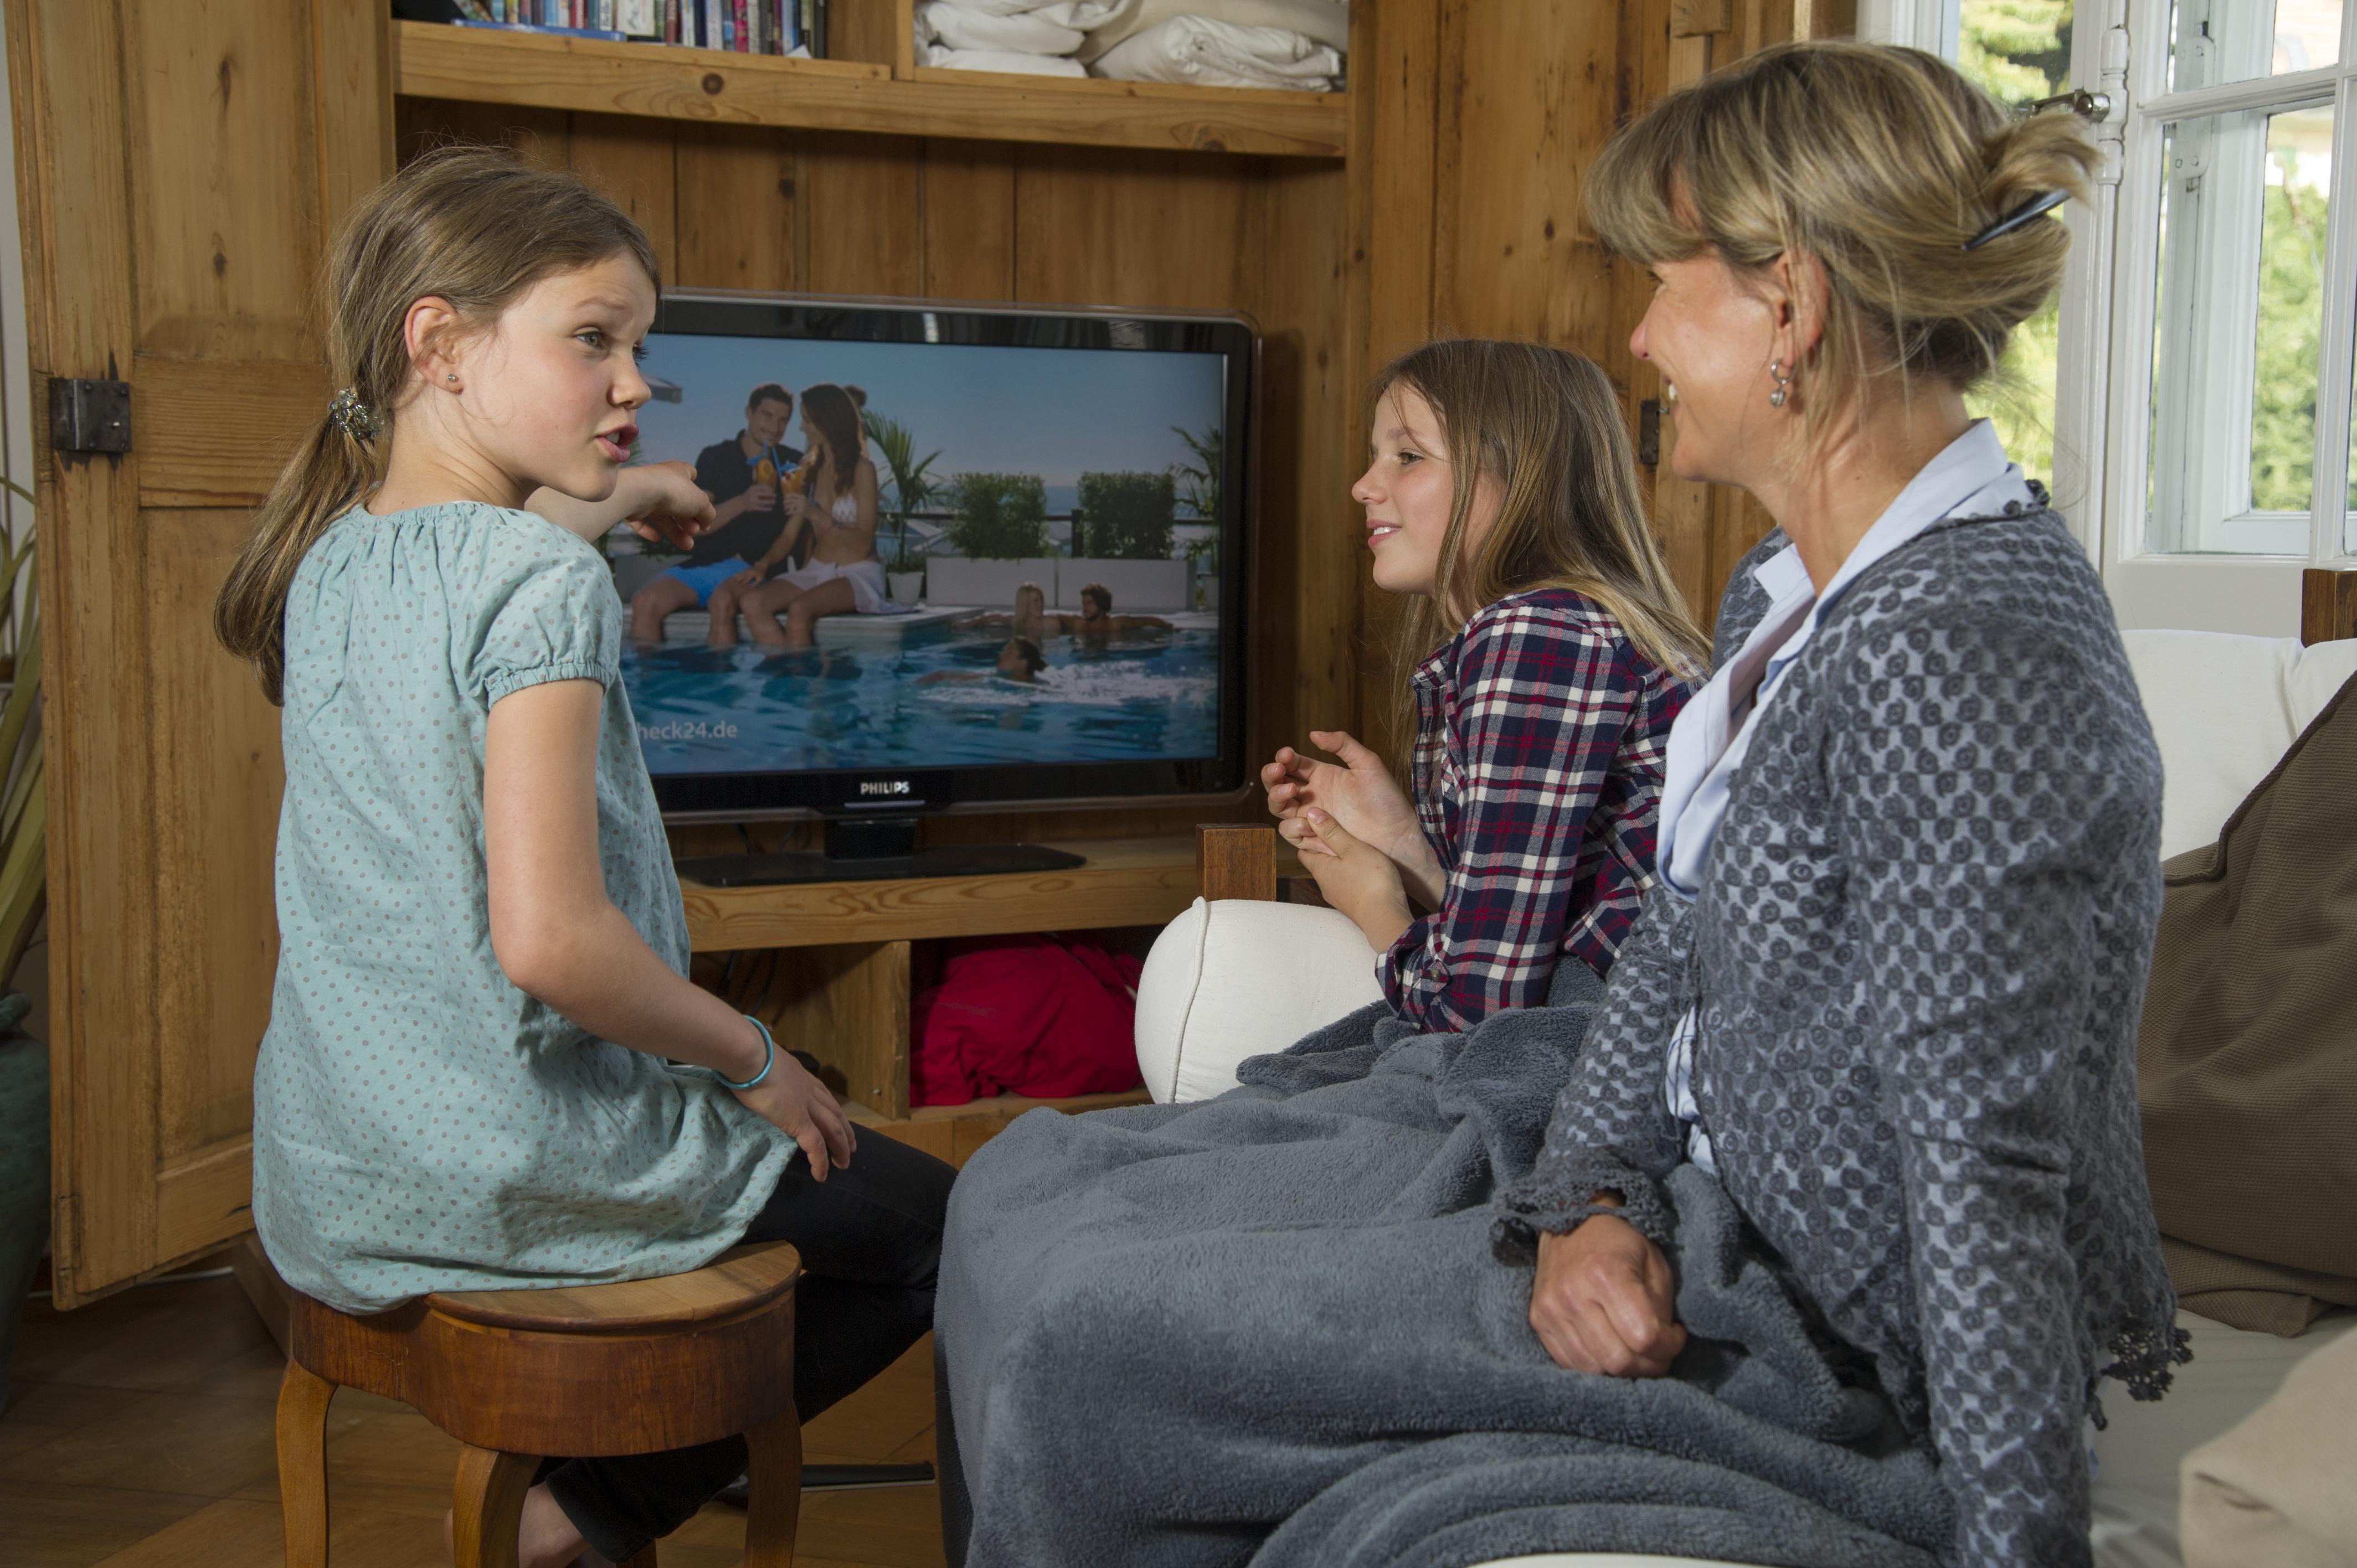 Mutter und Töchter diskutieren über die Sendung, die heute im Fernsehn geschaut werden darf.